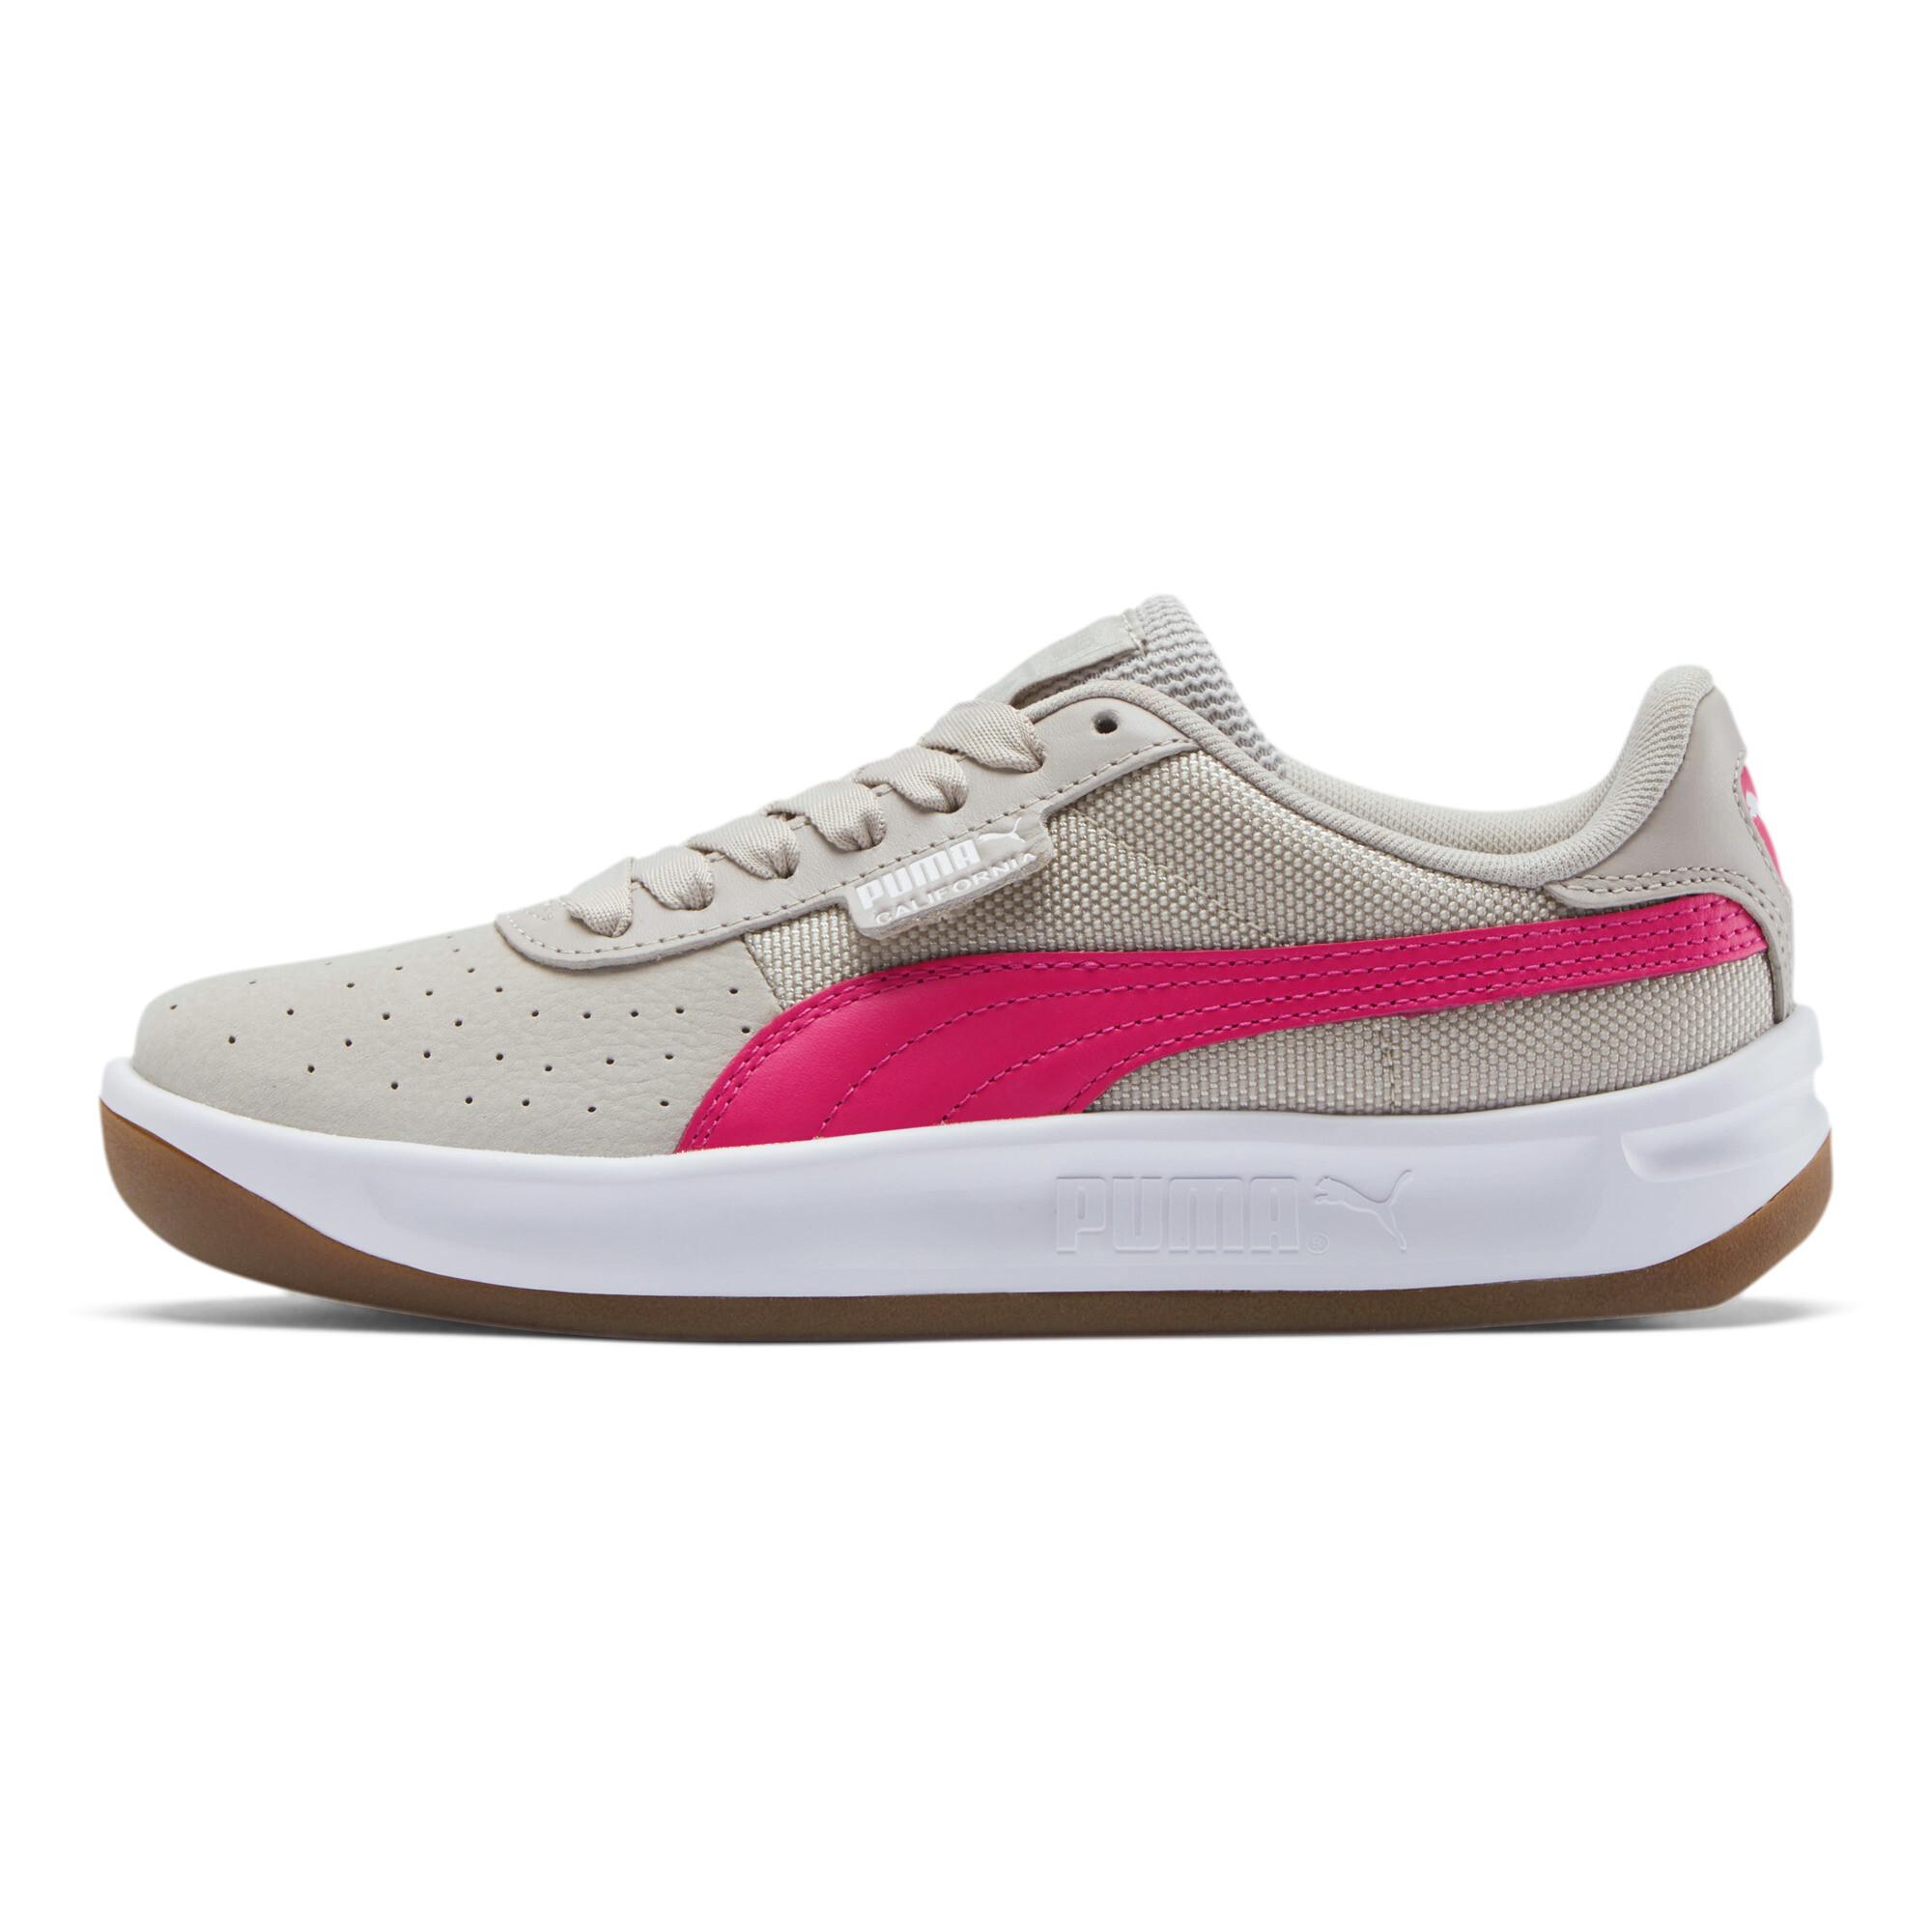 PUMA-California-Women-039-s-Sneakers-Women-Shoe-Sport-Classics thumbnail 15